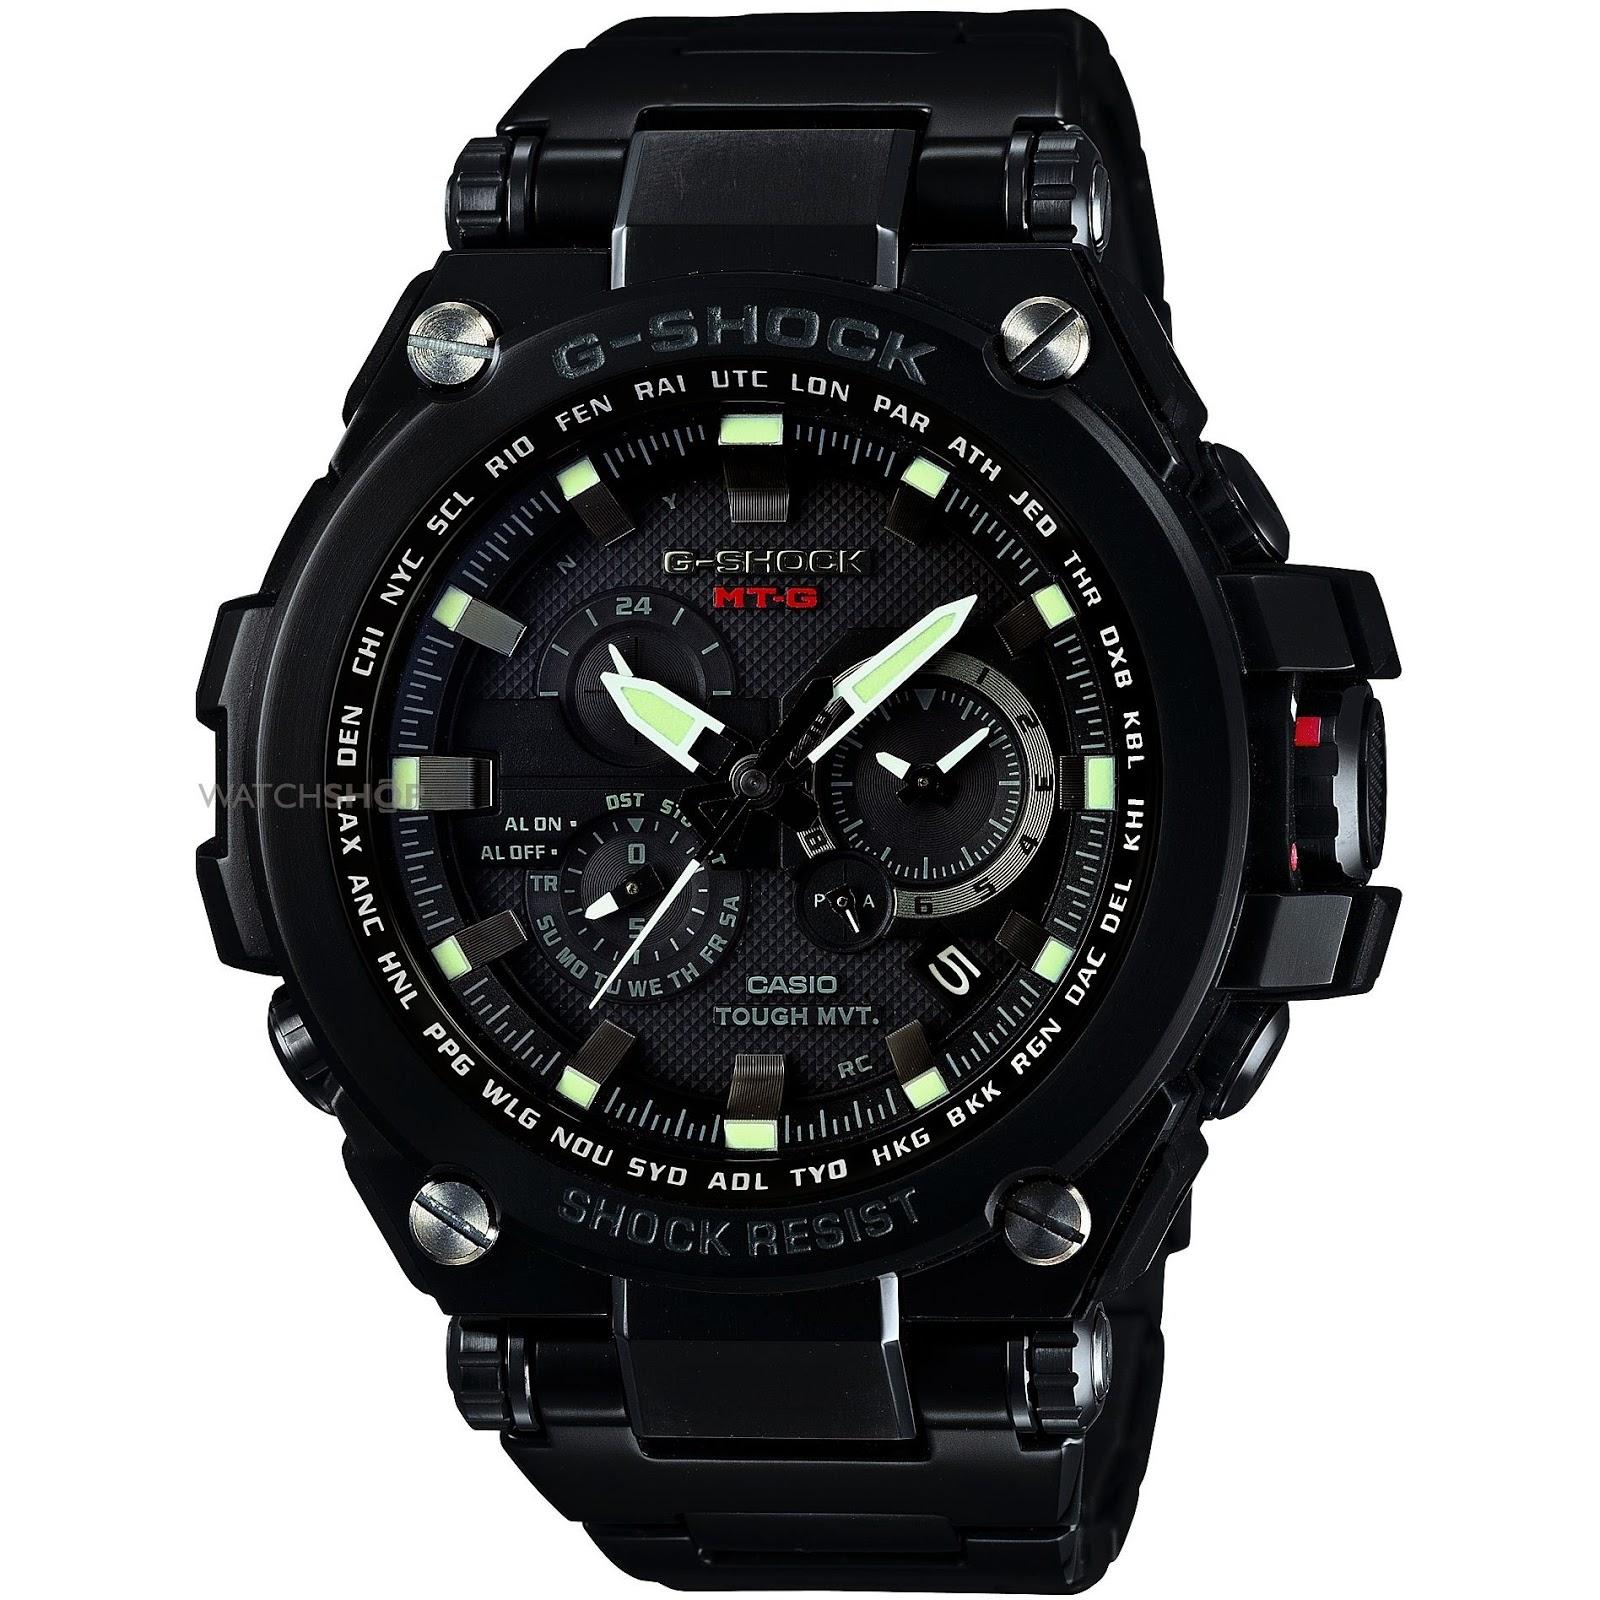 Accesorios masculinos: El reloj Casio G-Shock